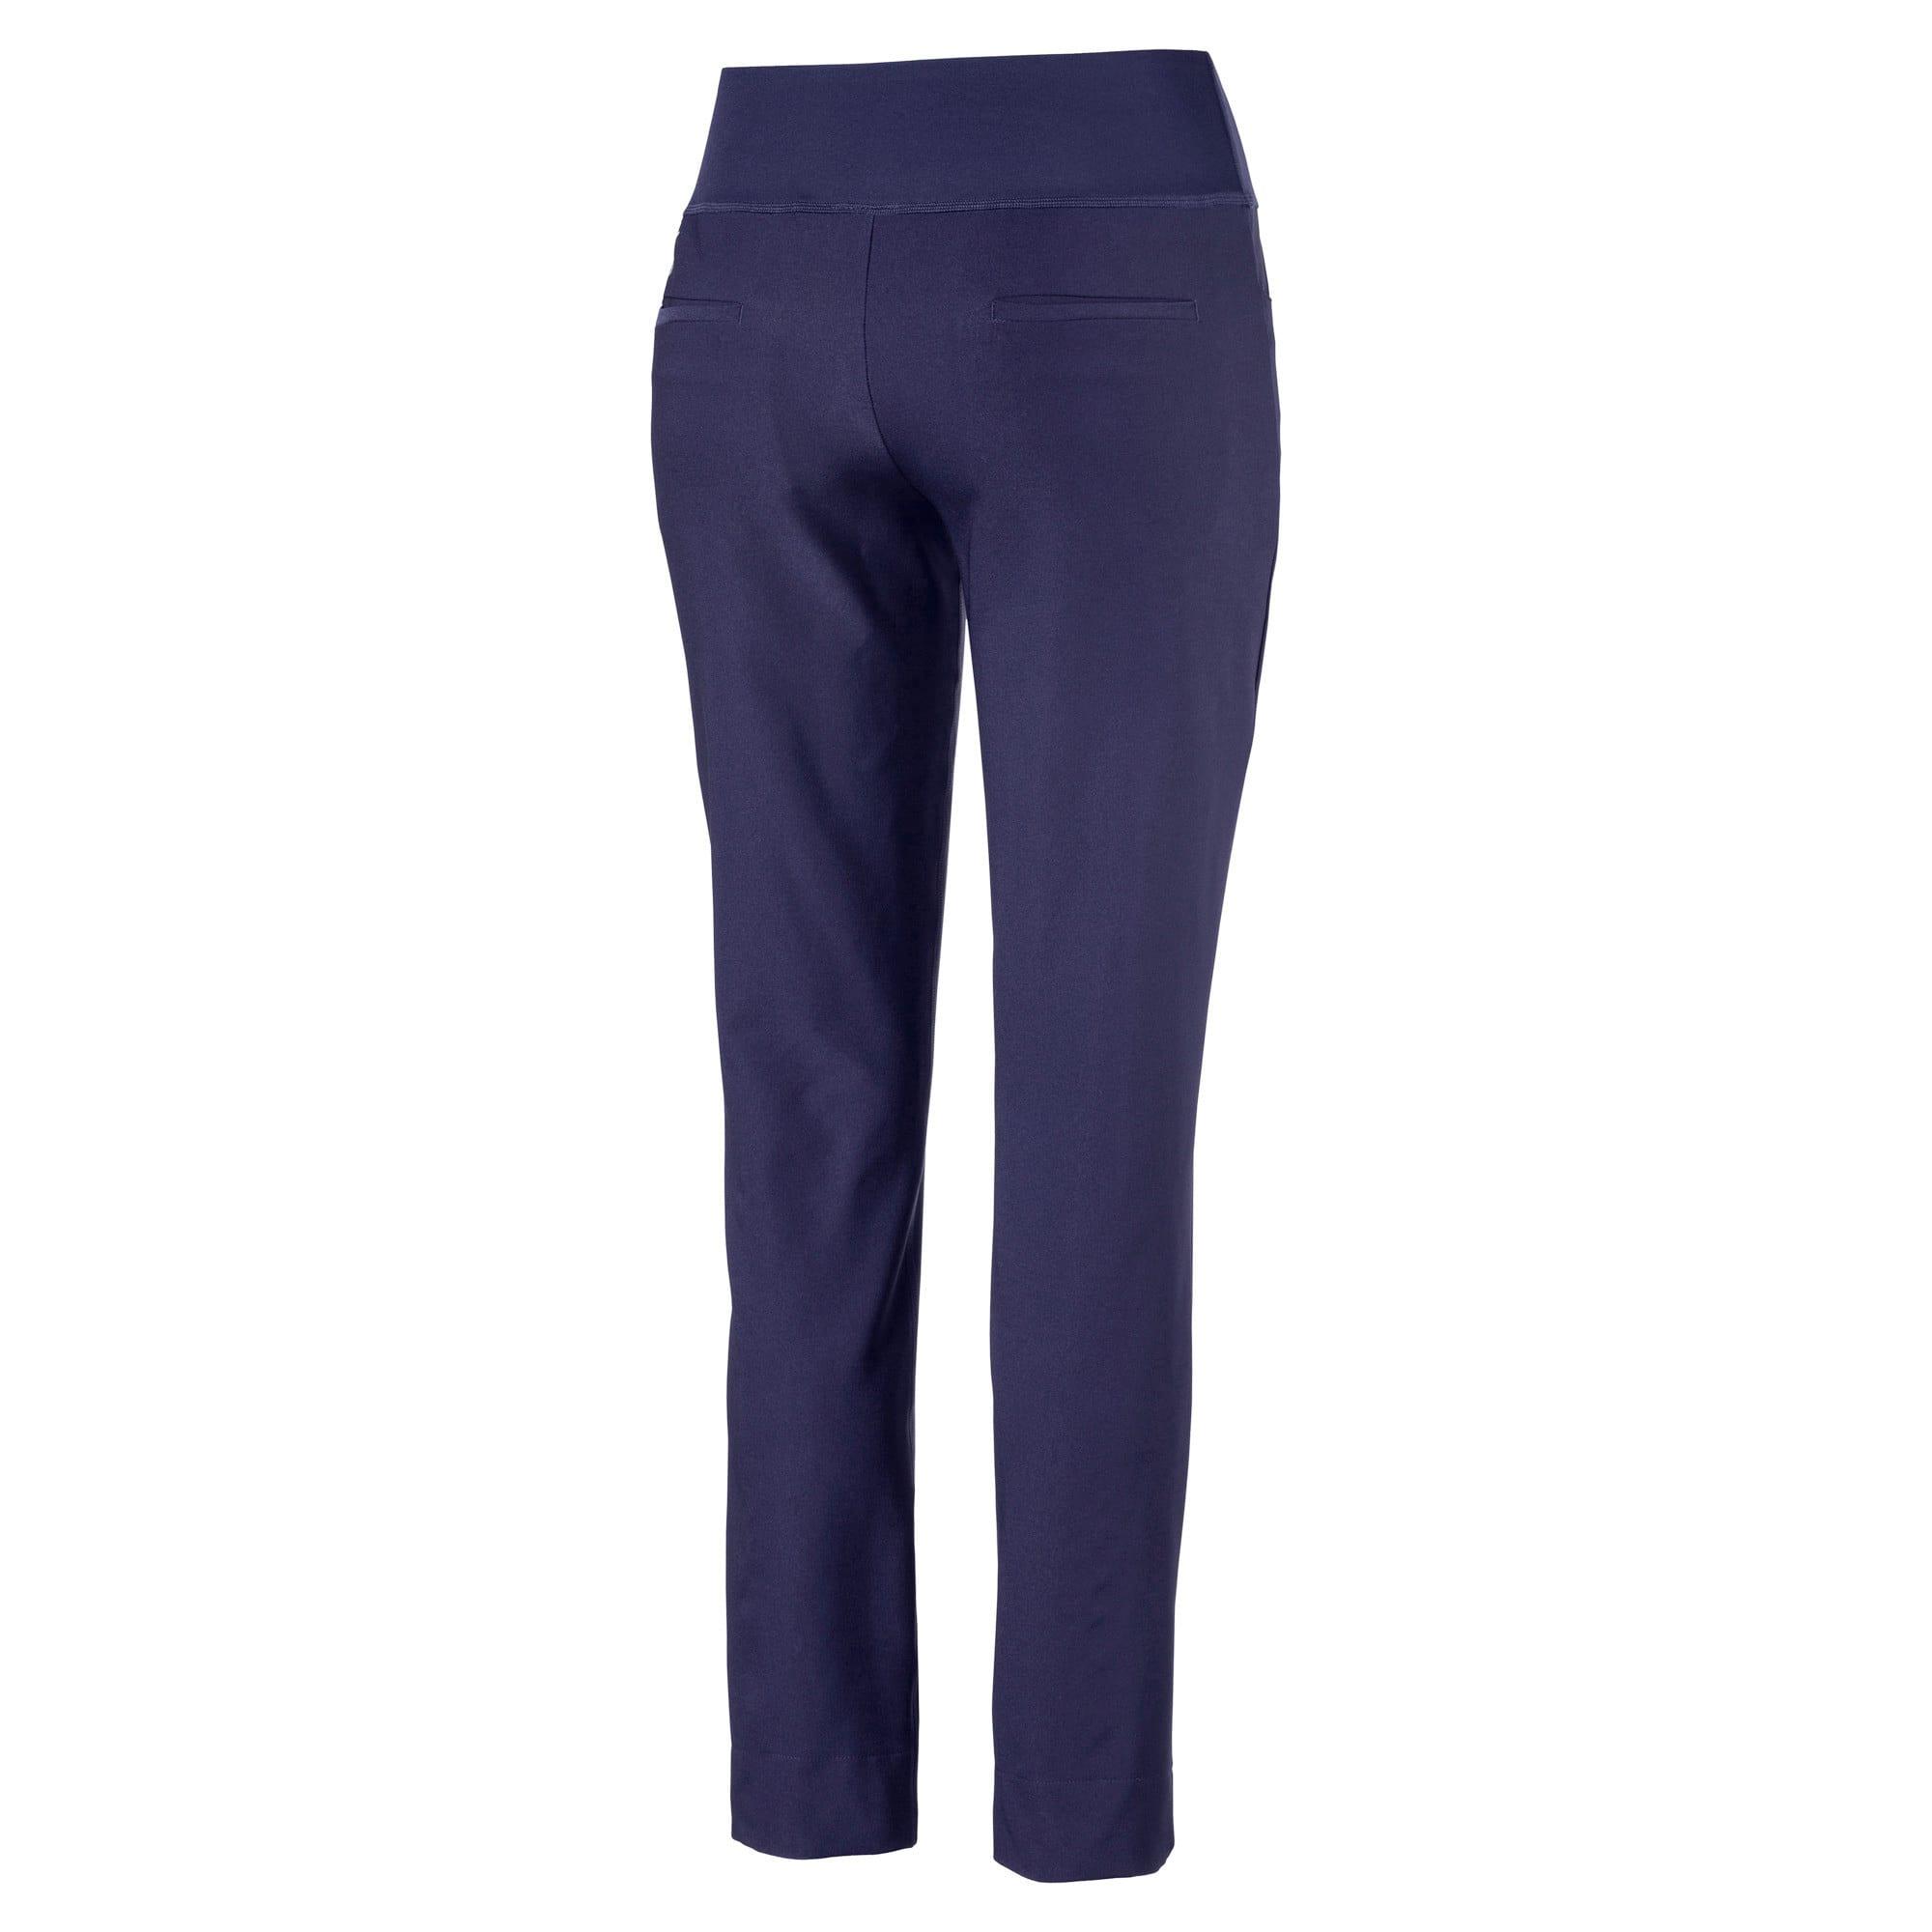 Thumbnail 5 of Golf - PWRSHAPE broek met elastische taille voor dames, Peacoat, medium